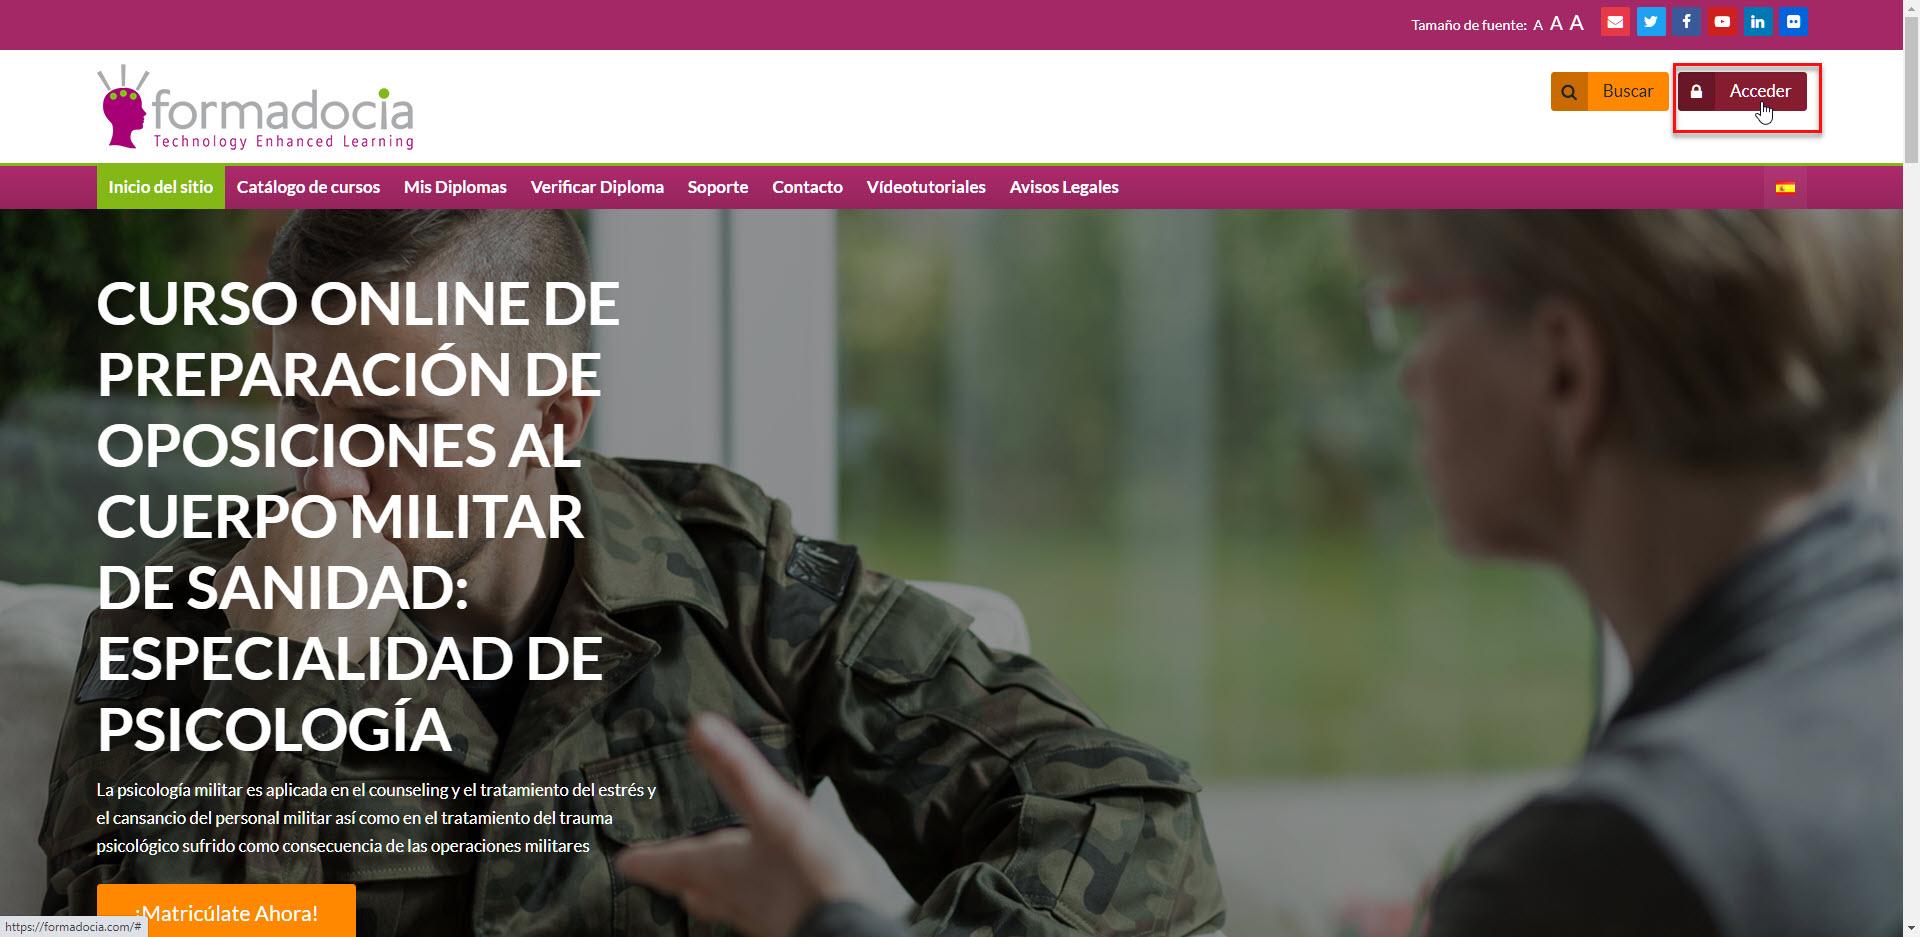 guía técnica - 2021 04 29 10 48 10 - GUÍA TÉCNICA DEL ALUMNO